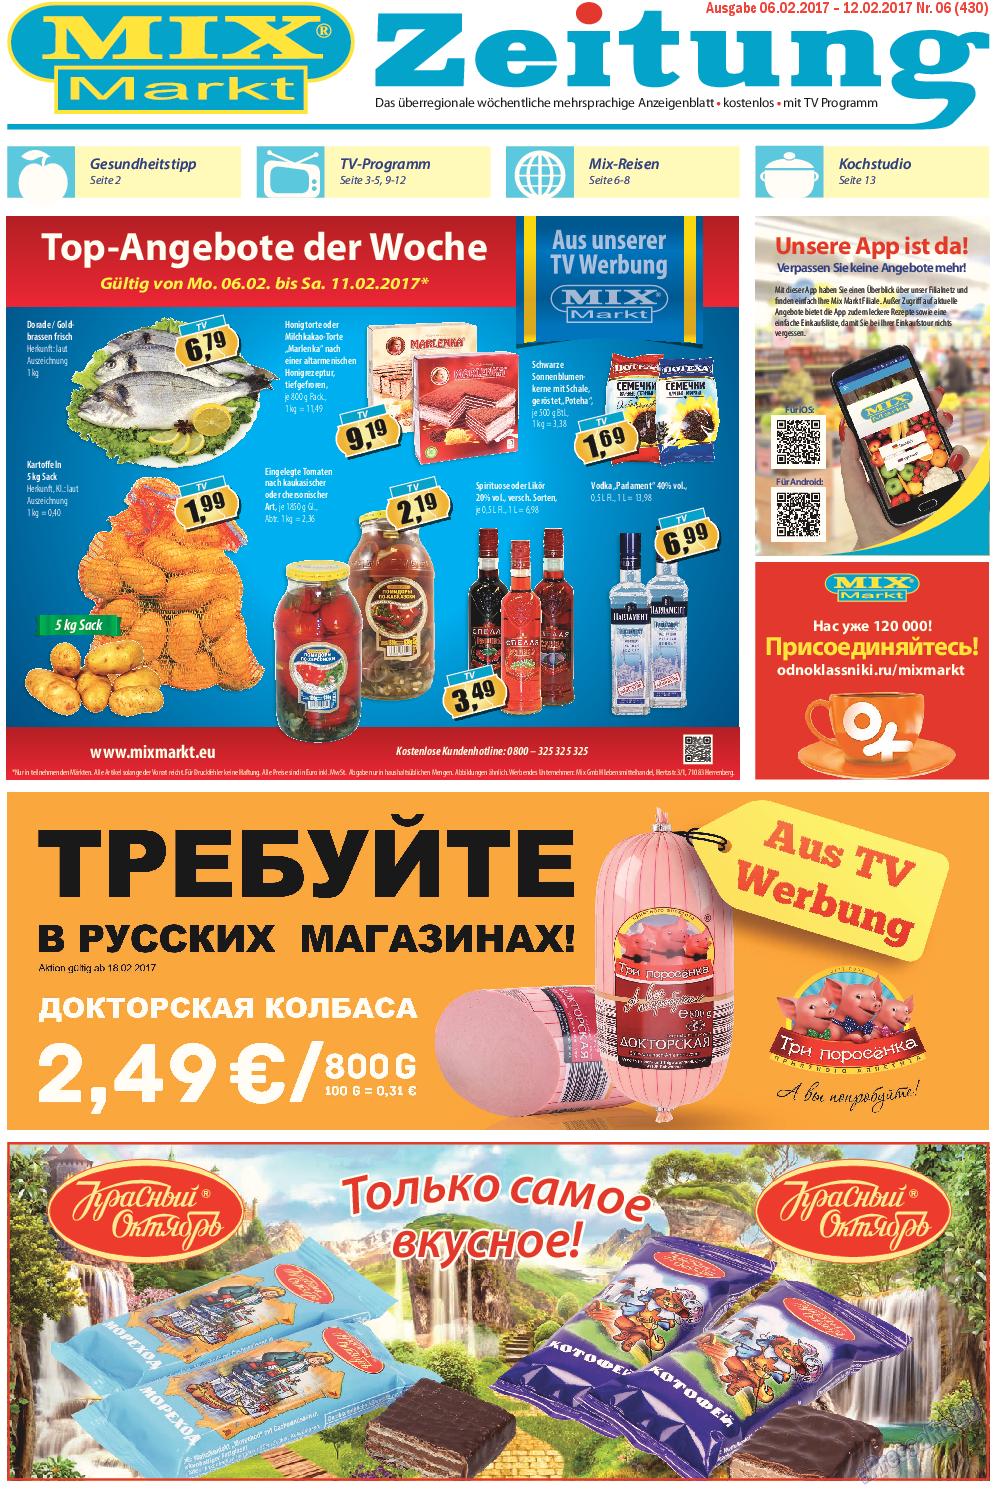 MIX-Markt Zeitung (газета). 2017 год, номер 6, стр. 1